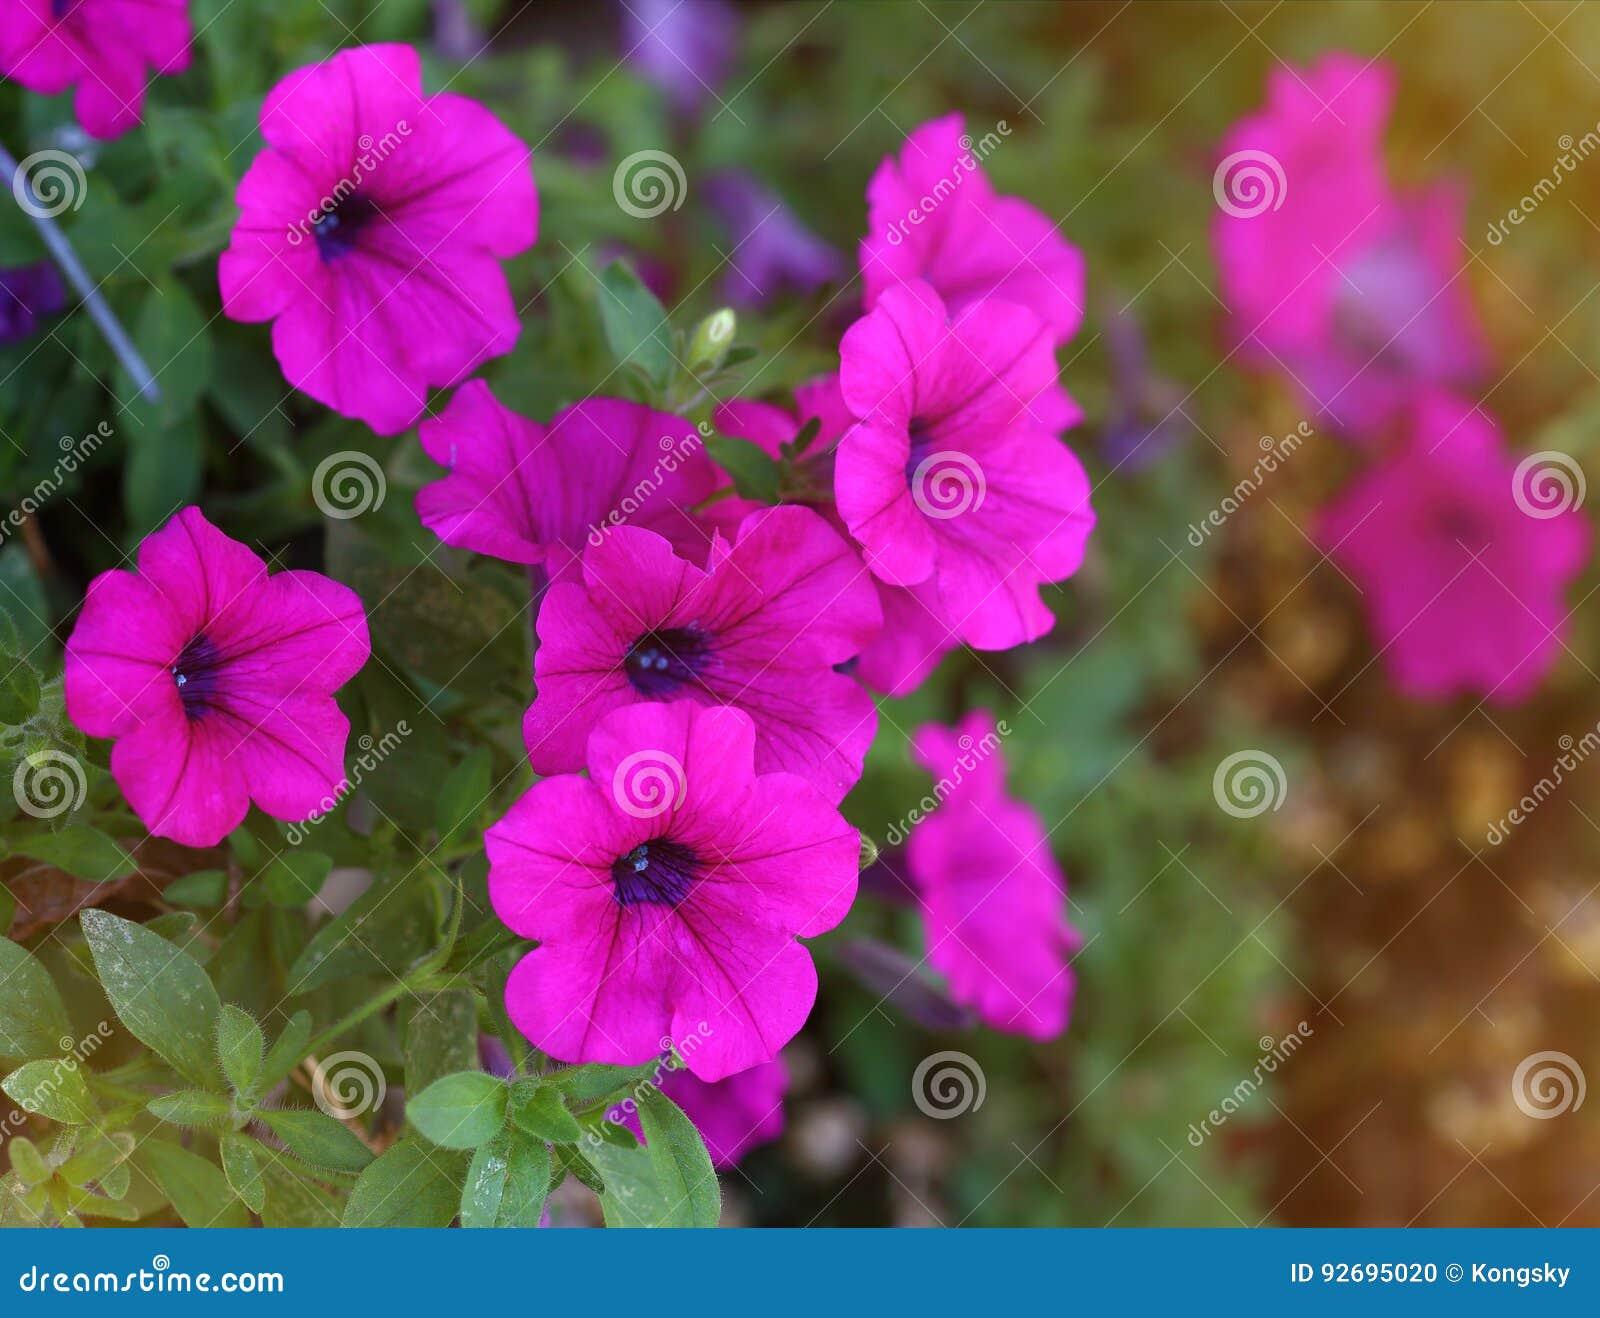 Flores violetas do petúnia no potenciômetro de flor